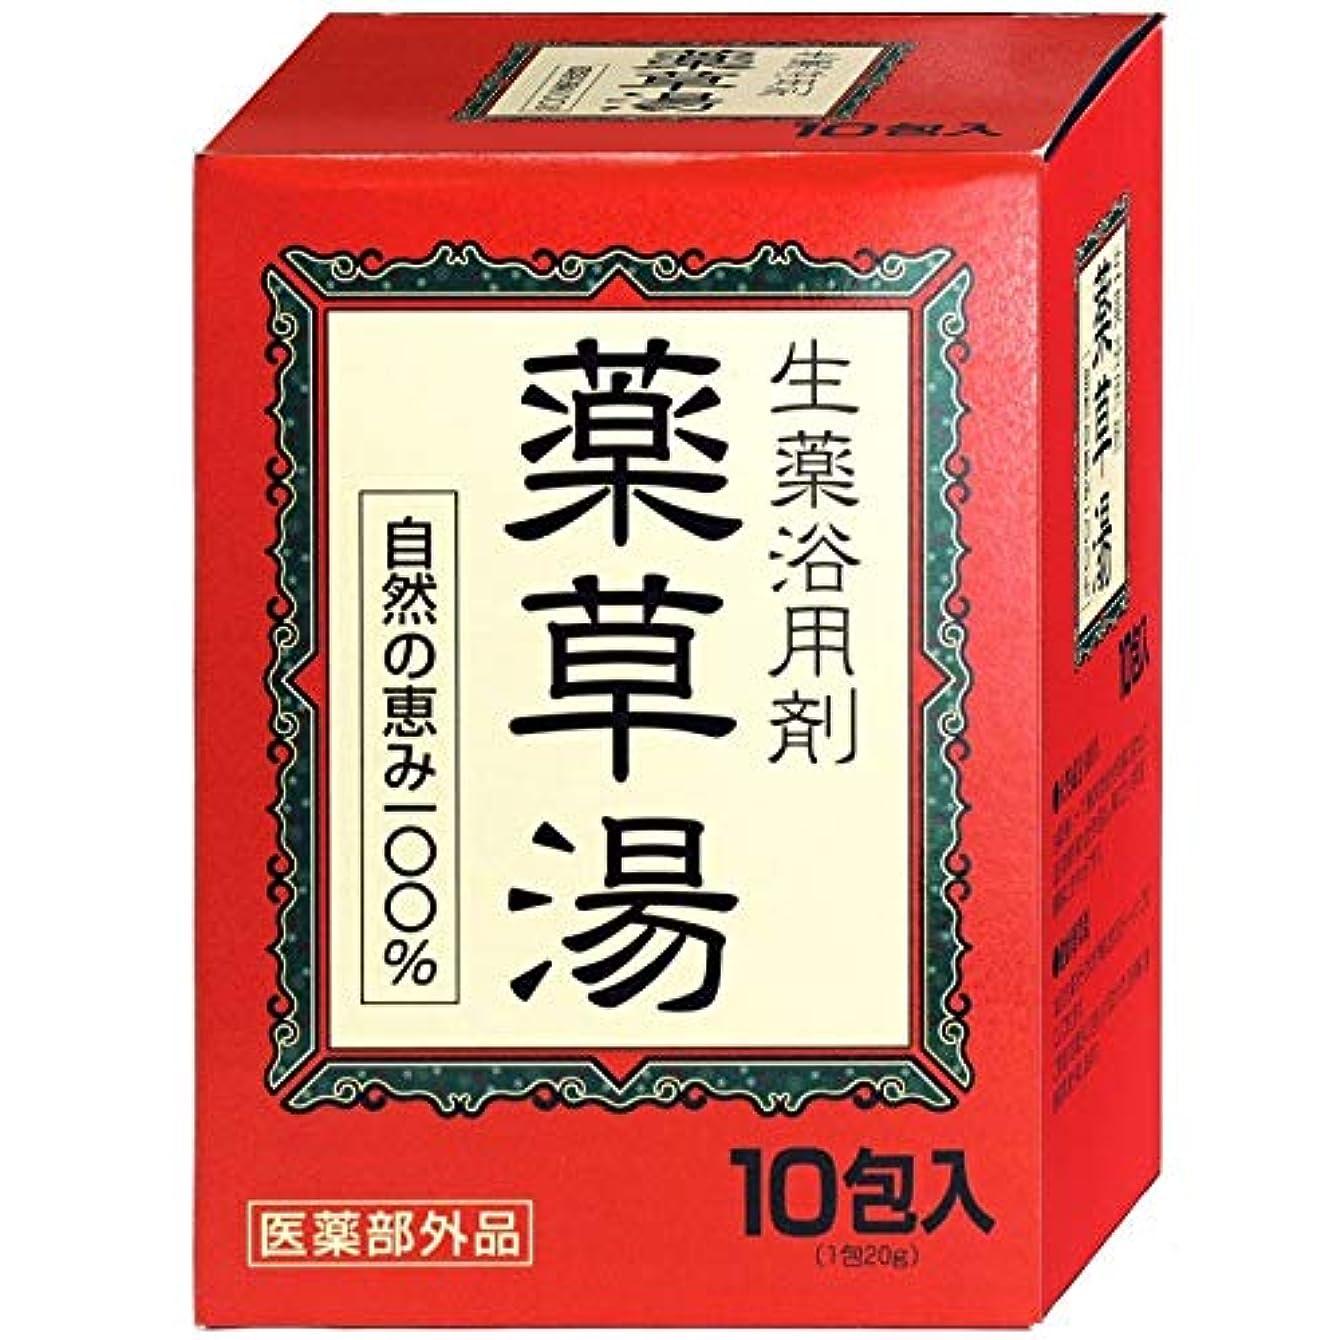 経験者うめき声唇VVN生薬入浴剤薬草湯10包×(10セット)